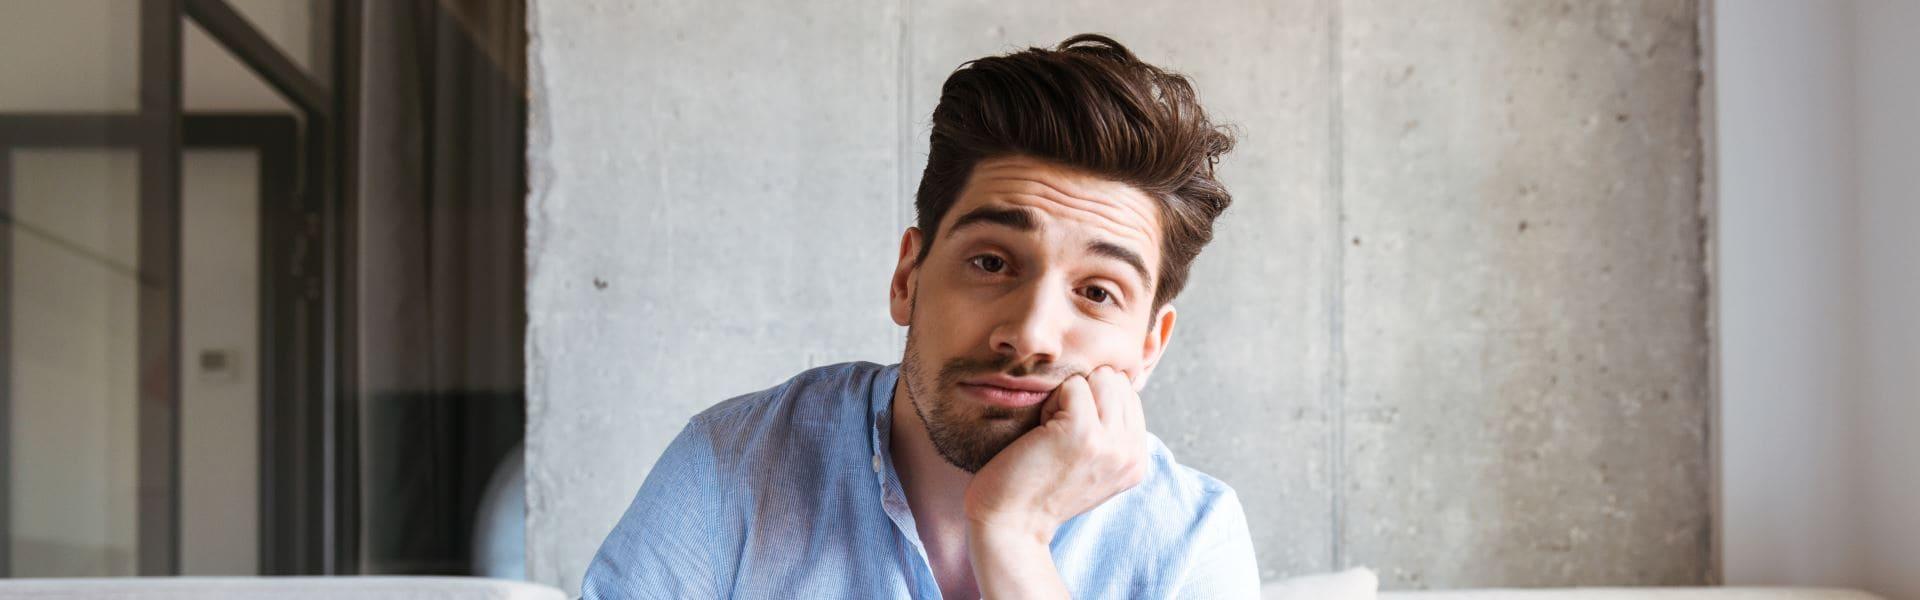 10 вариантов занять себя, когда нечего делать 10 вариантов занять себя, когда нечего делать